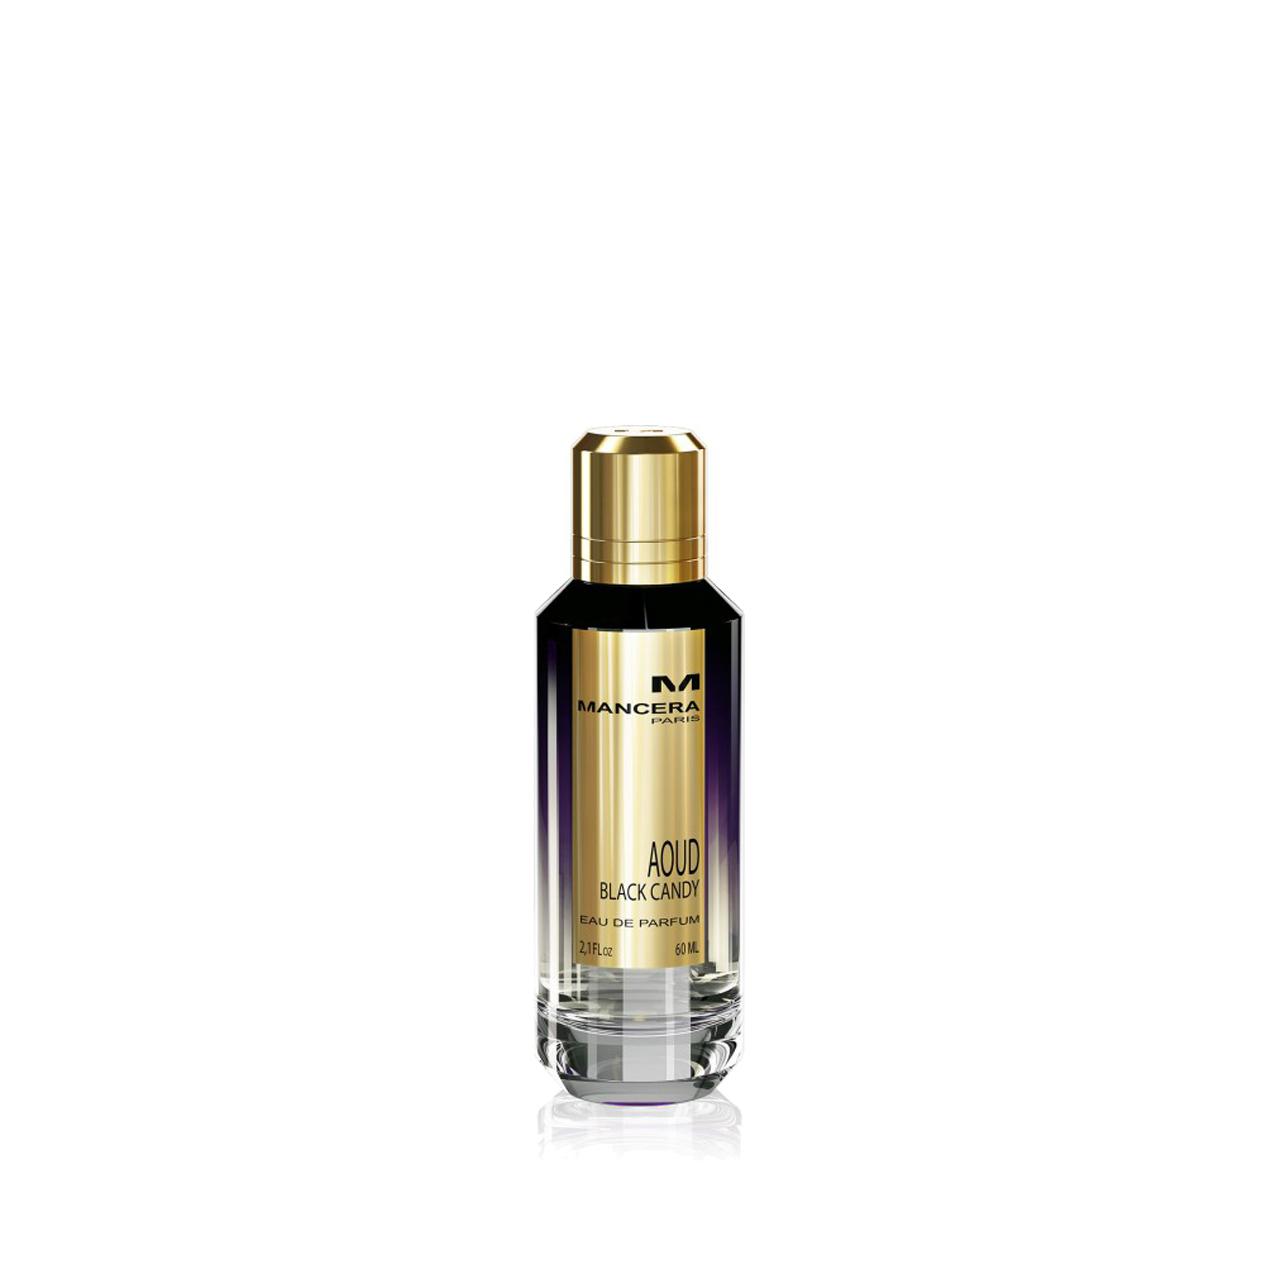 Aoud Black Candy - Eau de Parfum